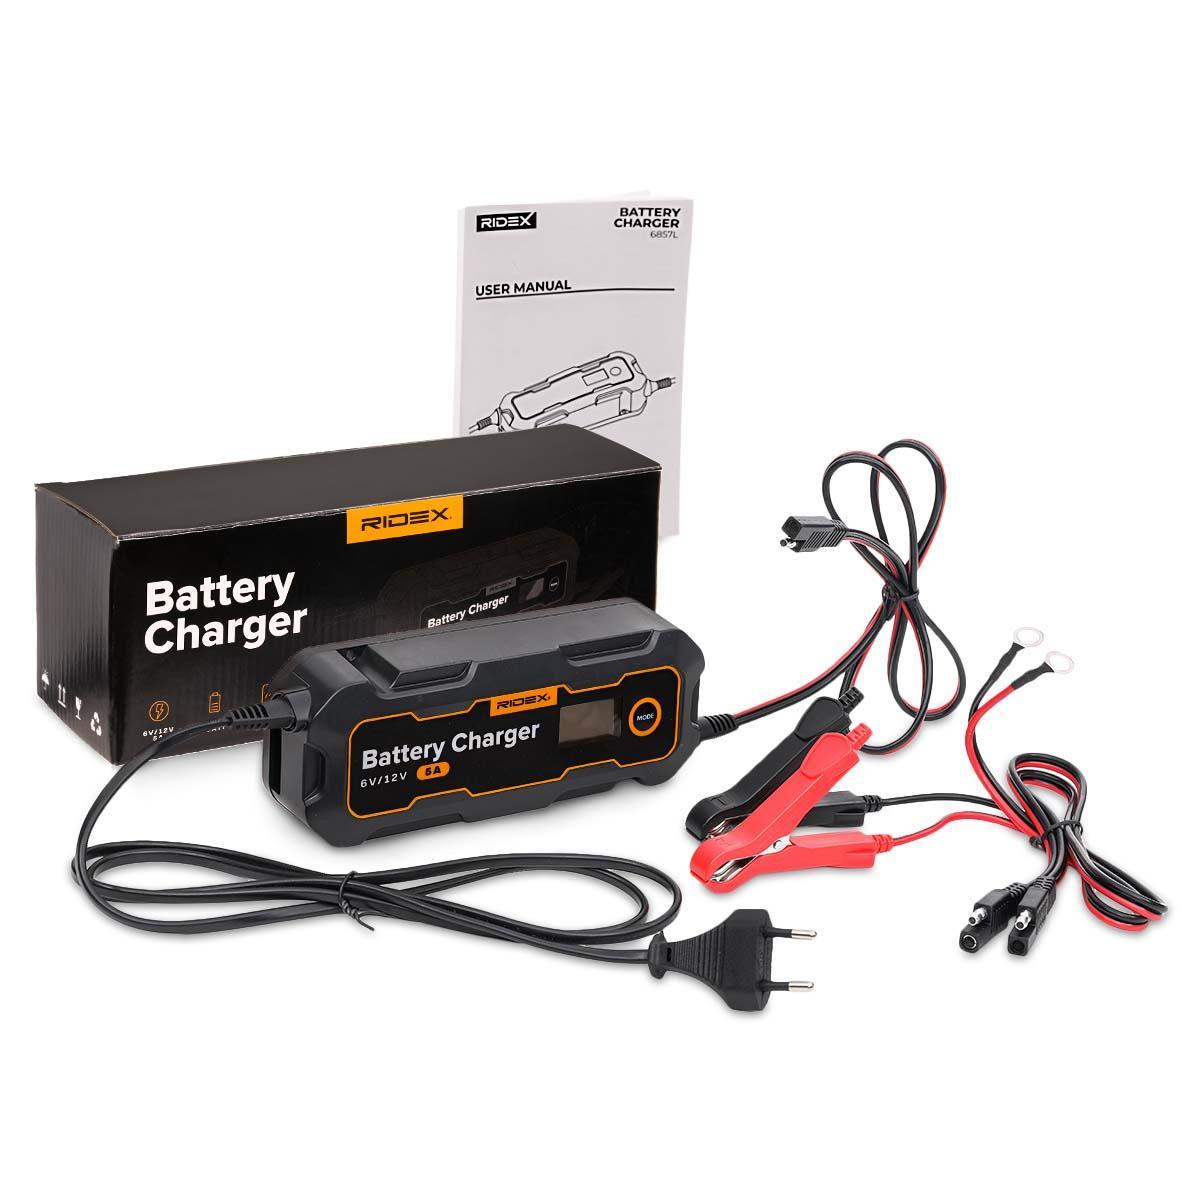 Bikázó RIDEX 8040A0009 szaktudással